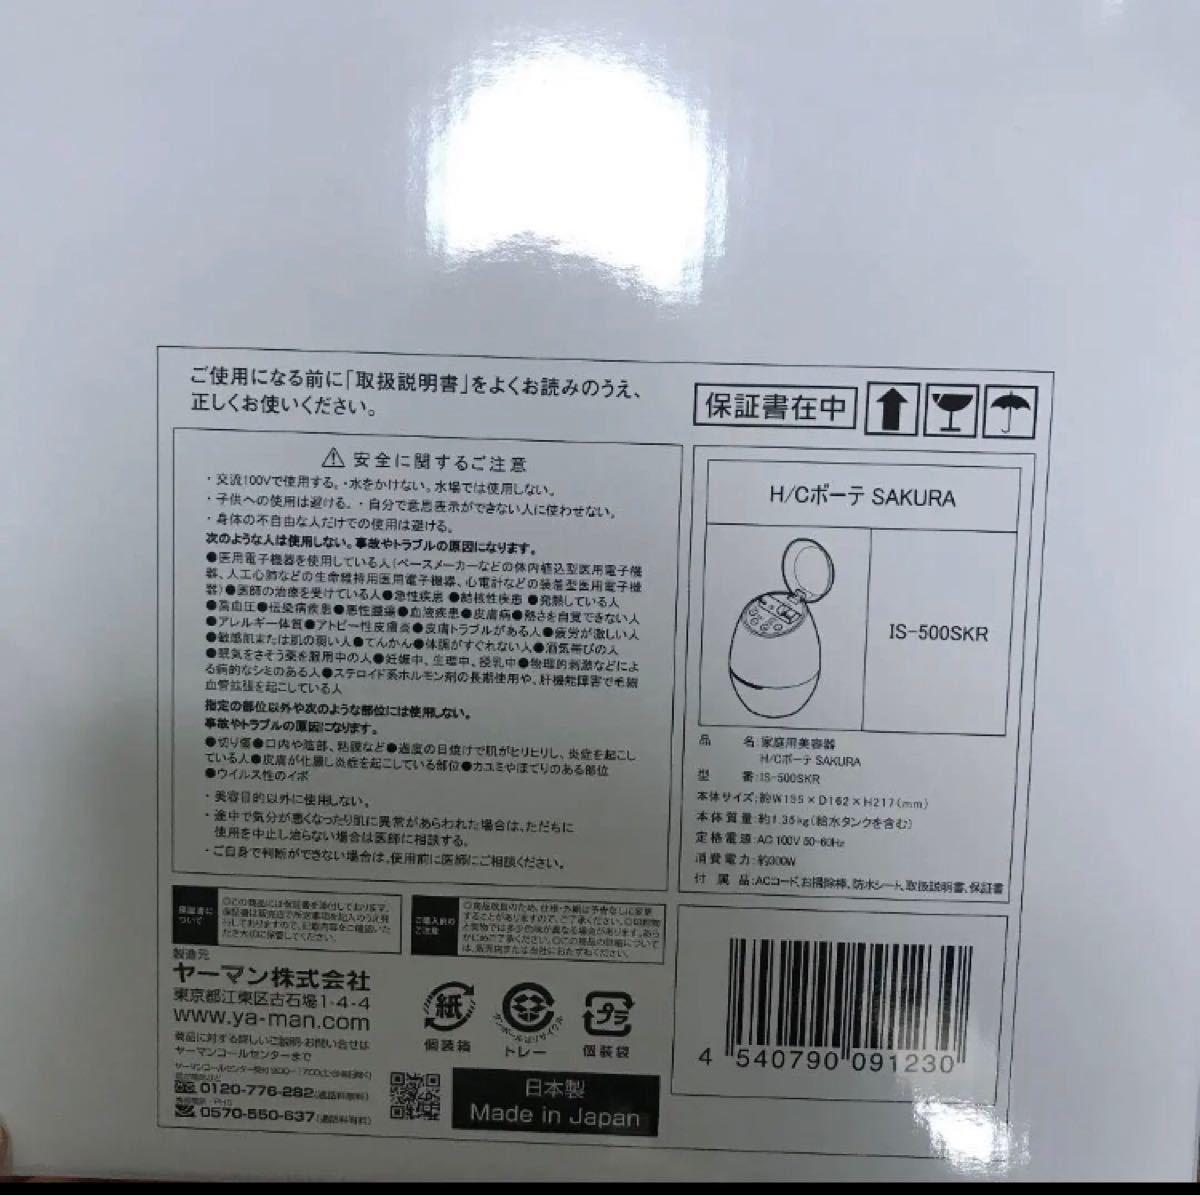 ヤーマン フェイス温冷スチーマー 「H/Cボーテシリーズ SAKURA」